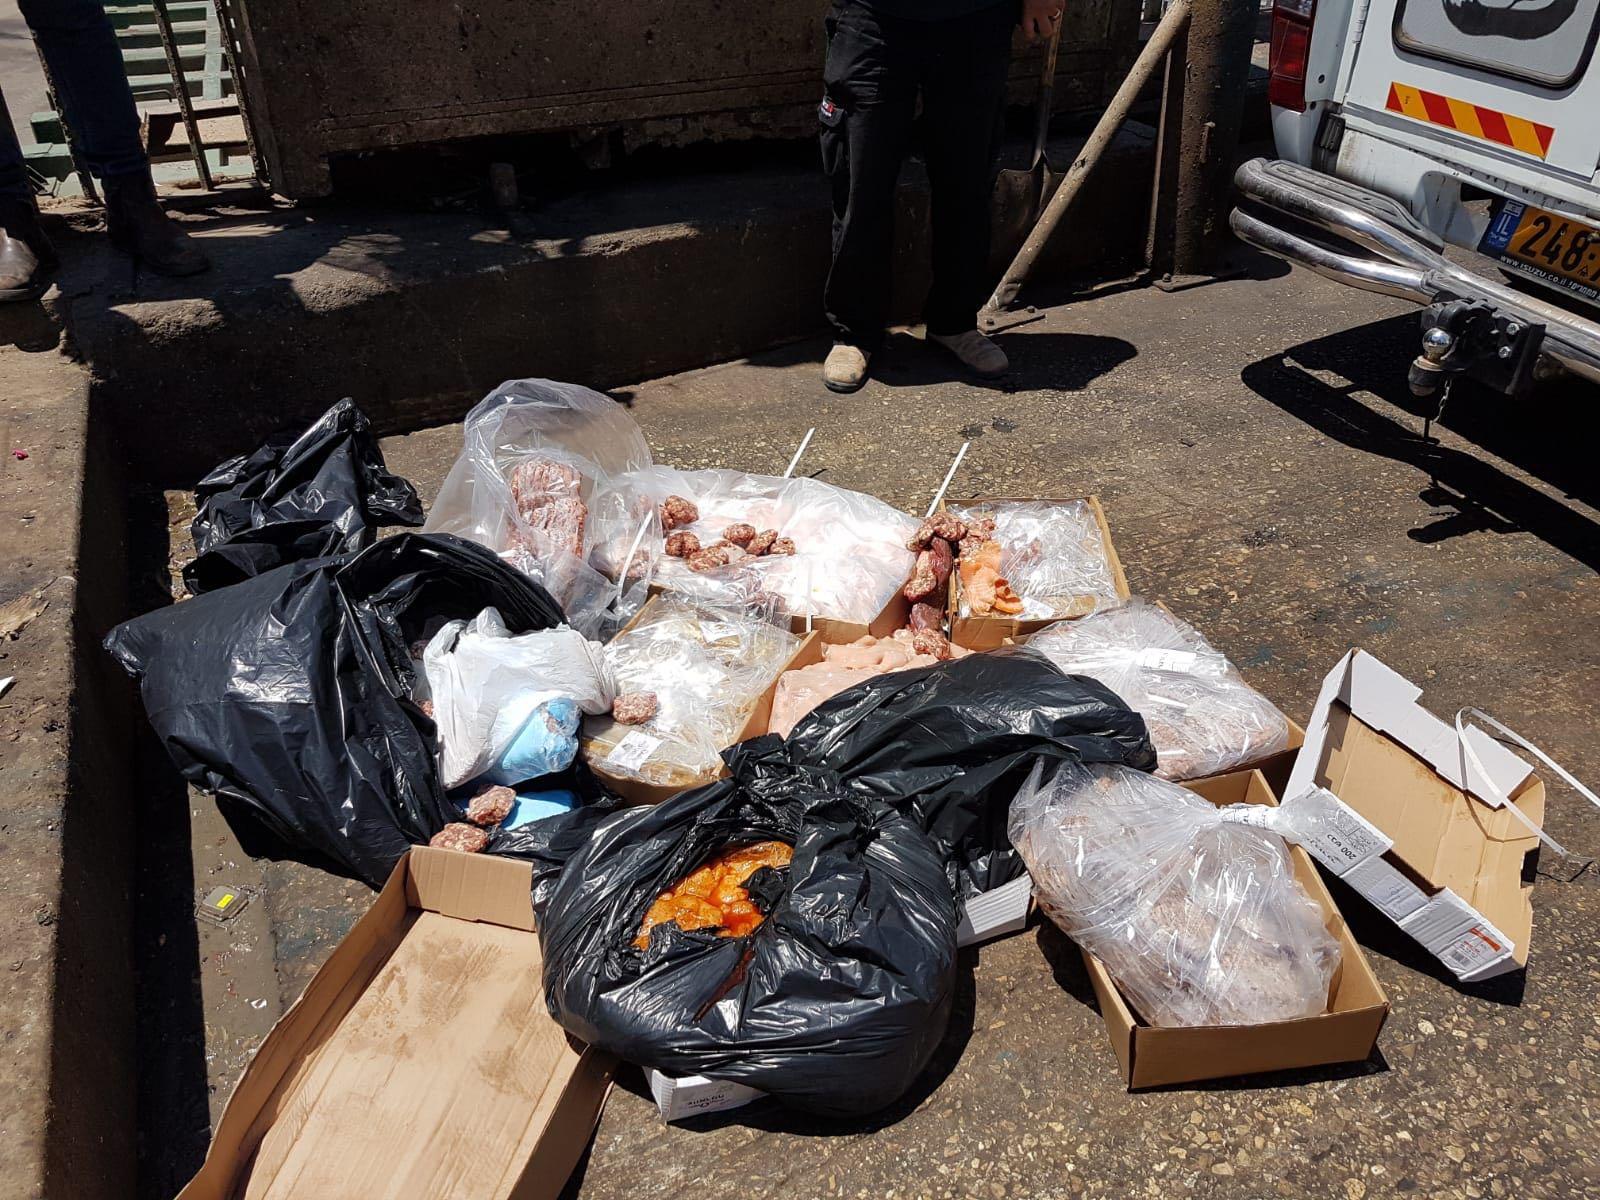 Photo of 120 קילו בשר מסוכן לבריאות, שהובל ללא קירור נתפסו בפתח קייטרינג לא חוקי ברופין בחולון